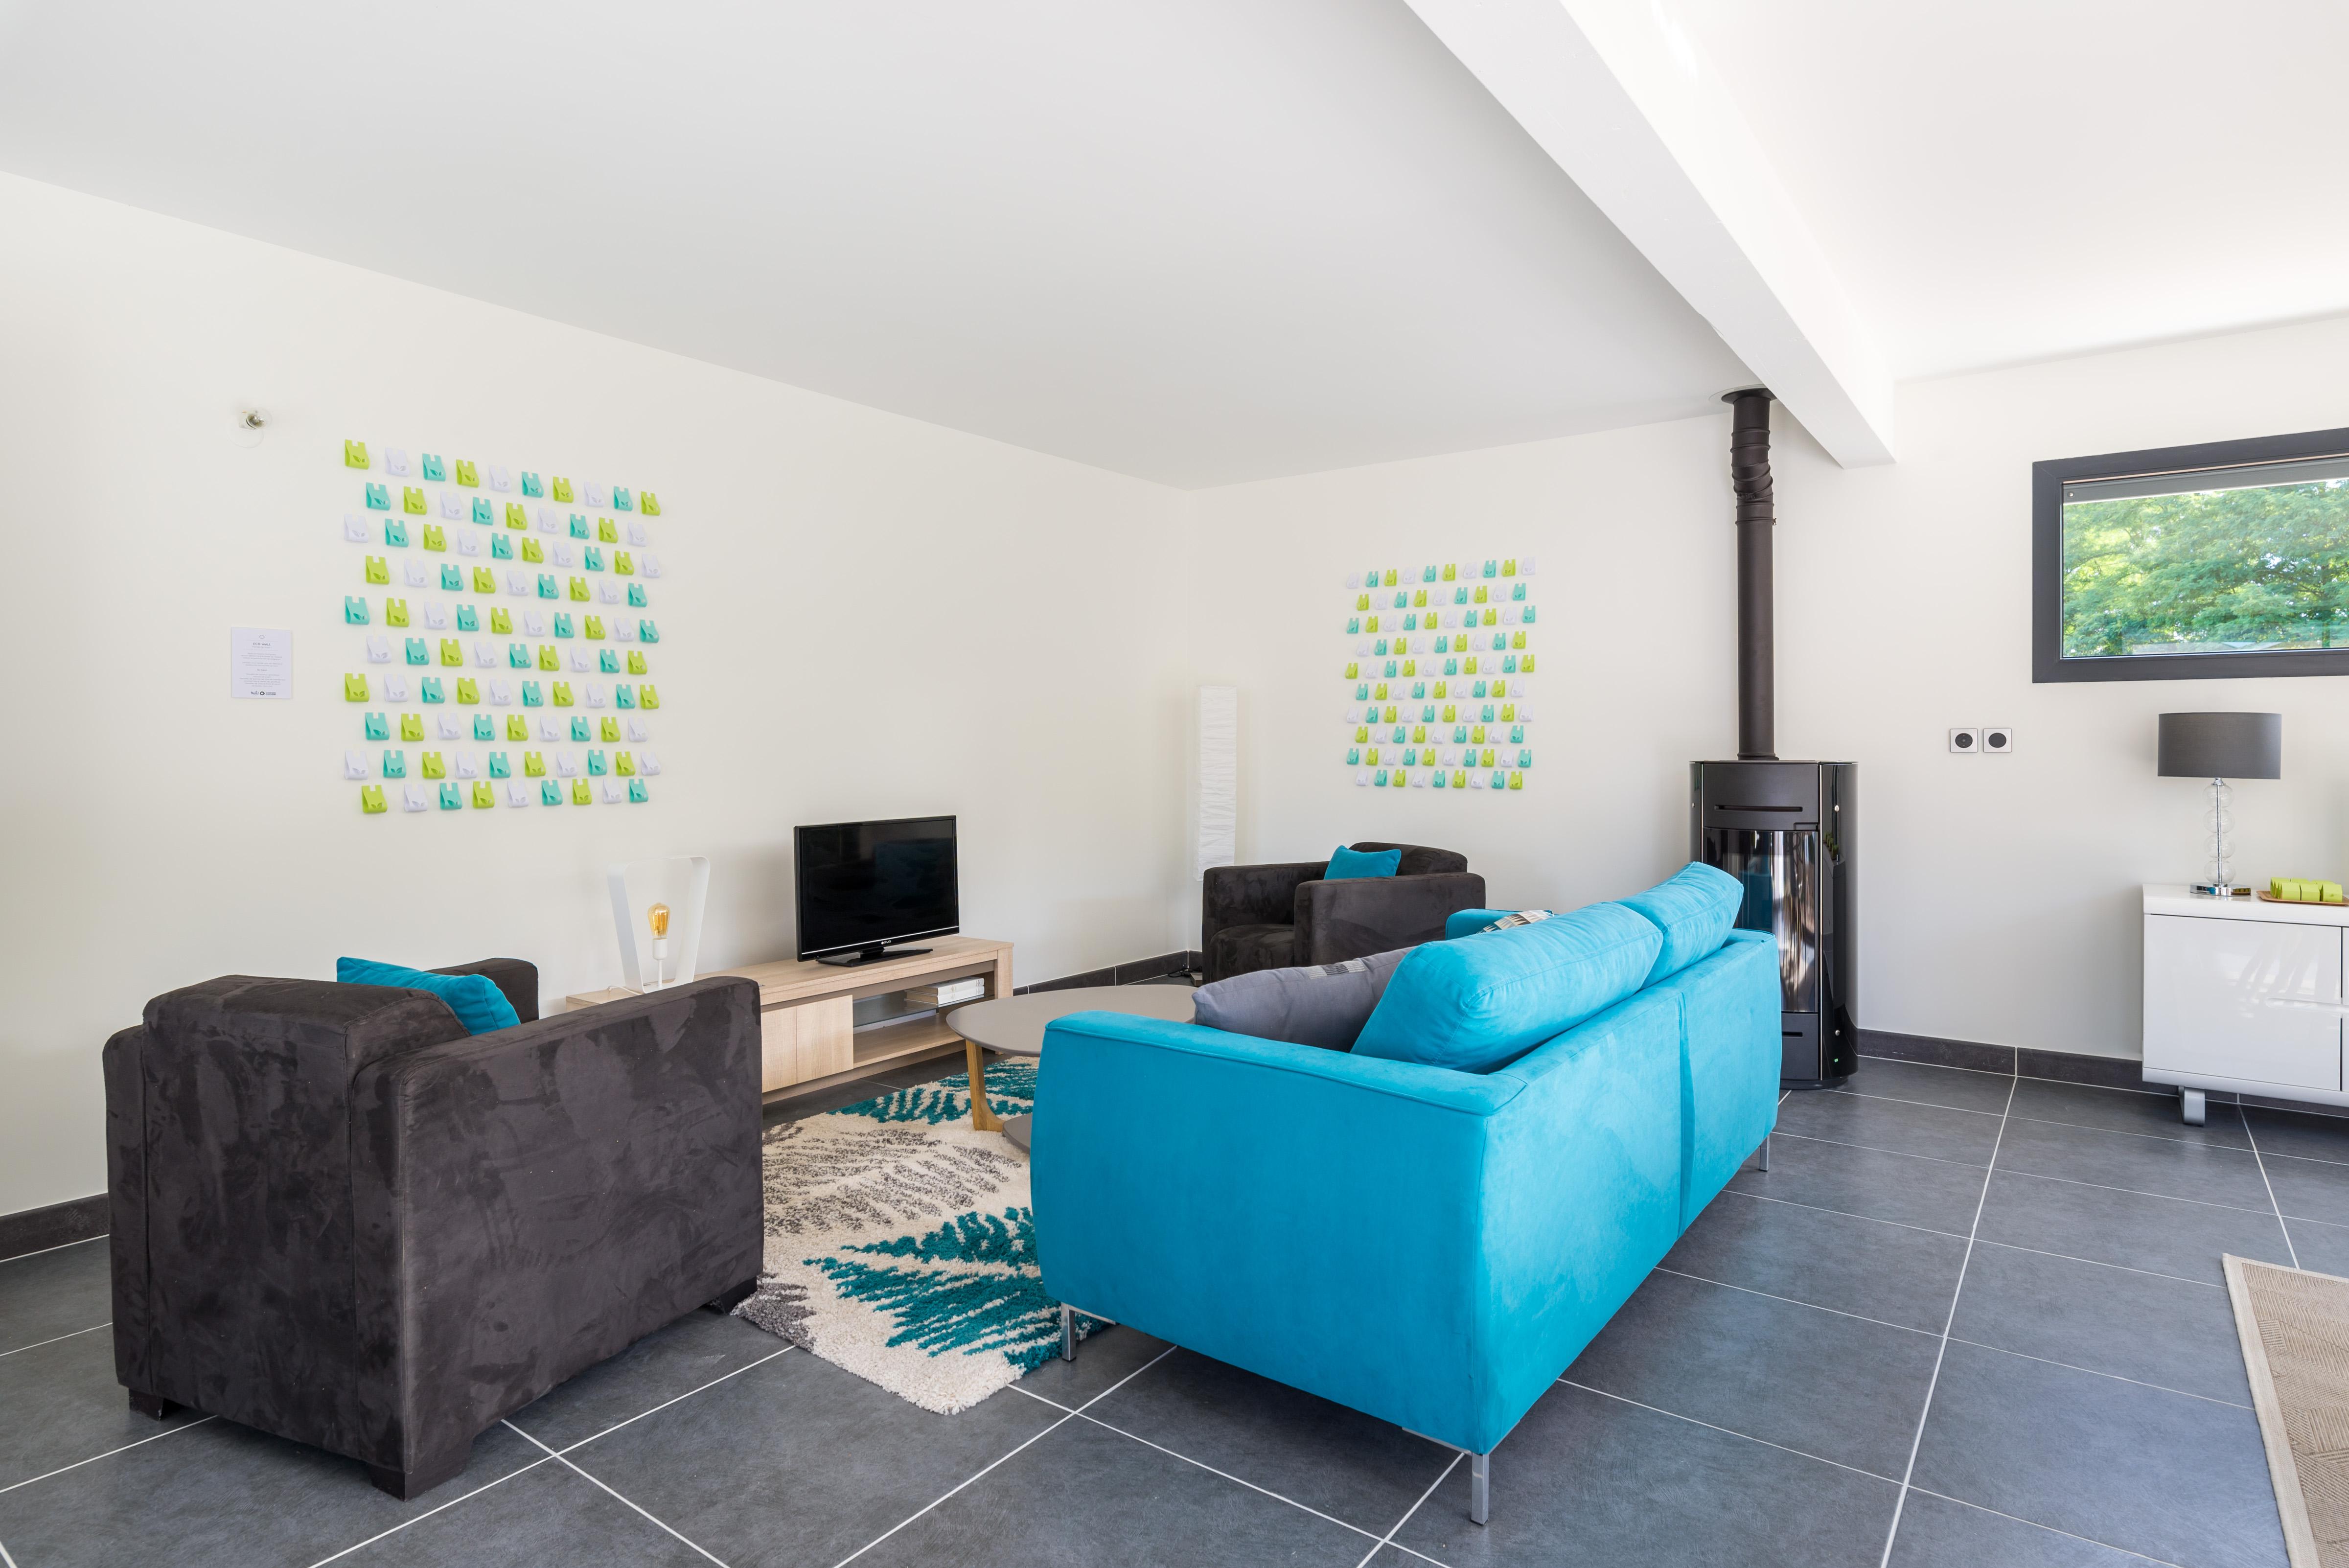 la beaut int rieure de la natigreen natilia lyon. Black Bedroom Furniture Sets. Home Design Ideas